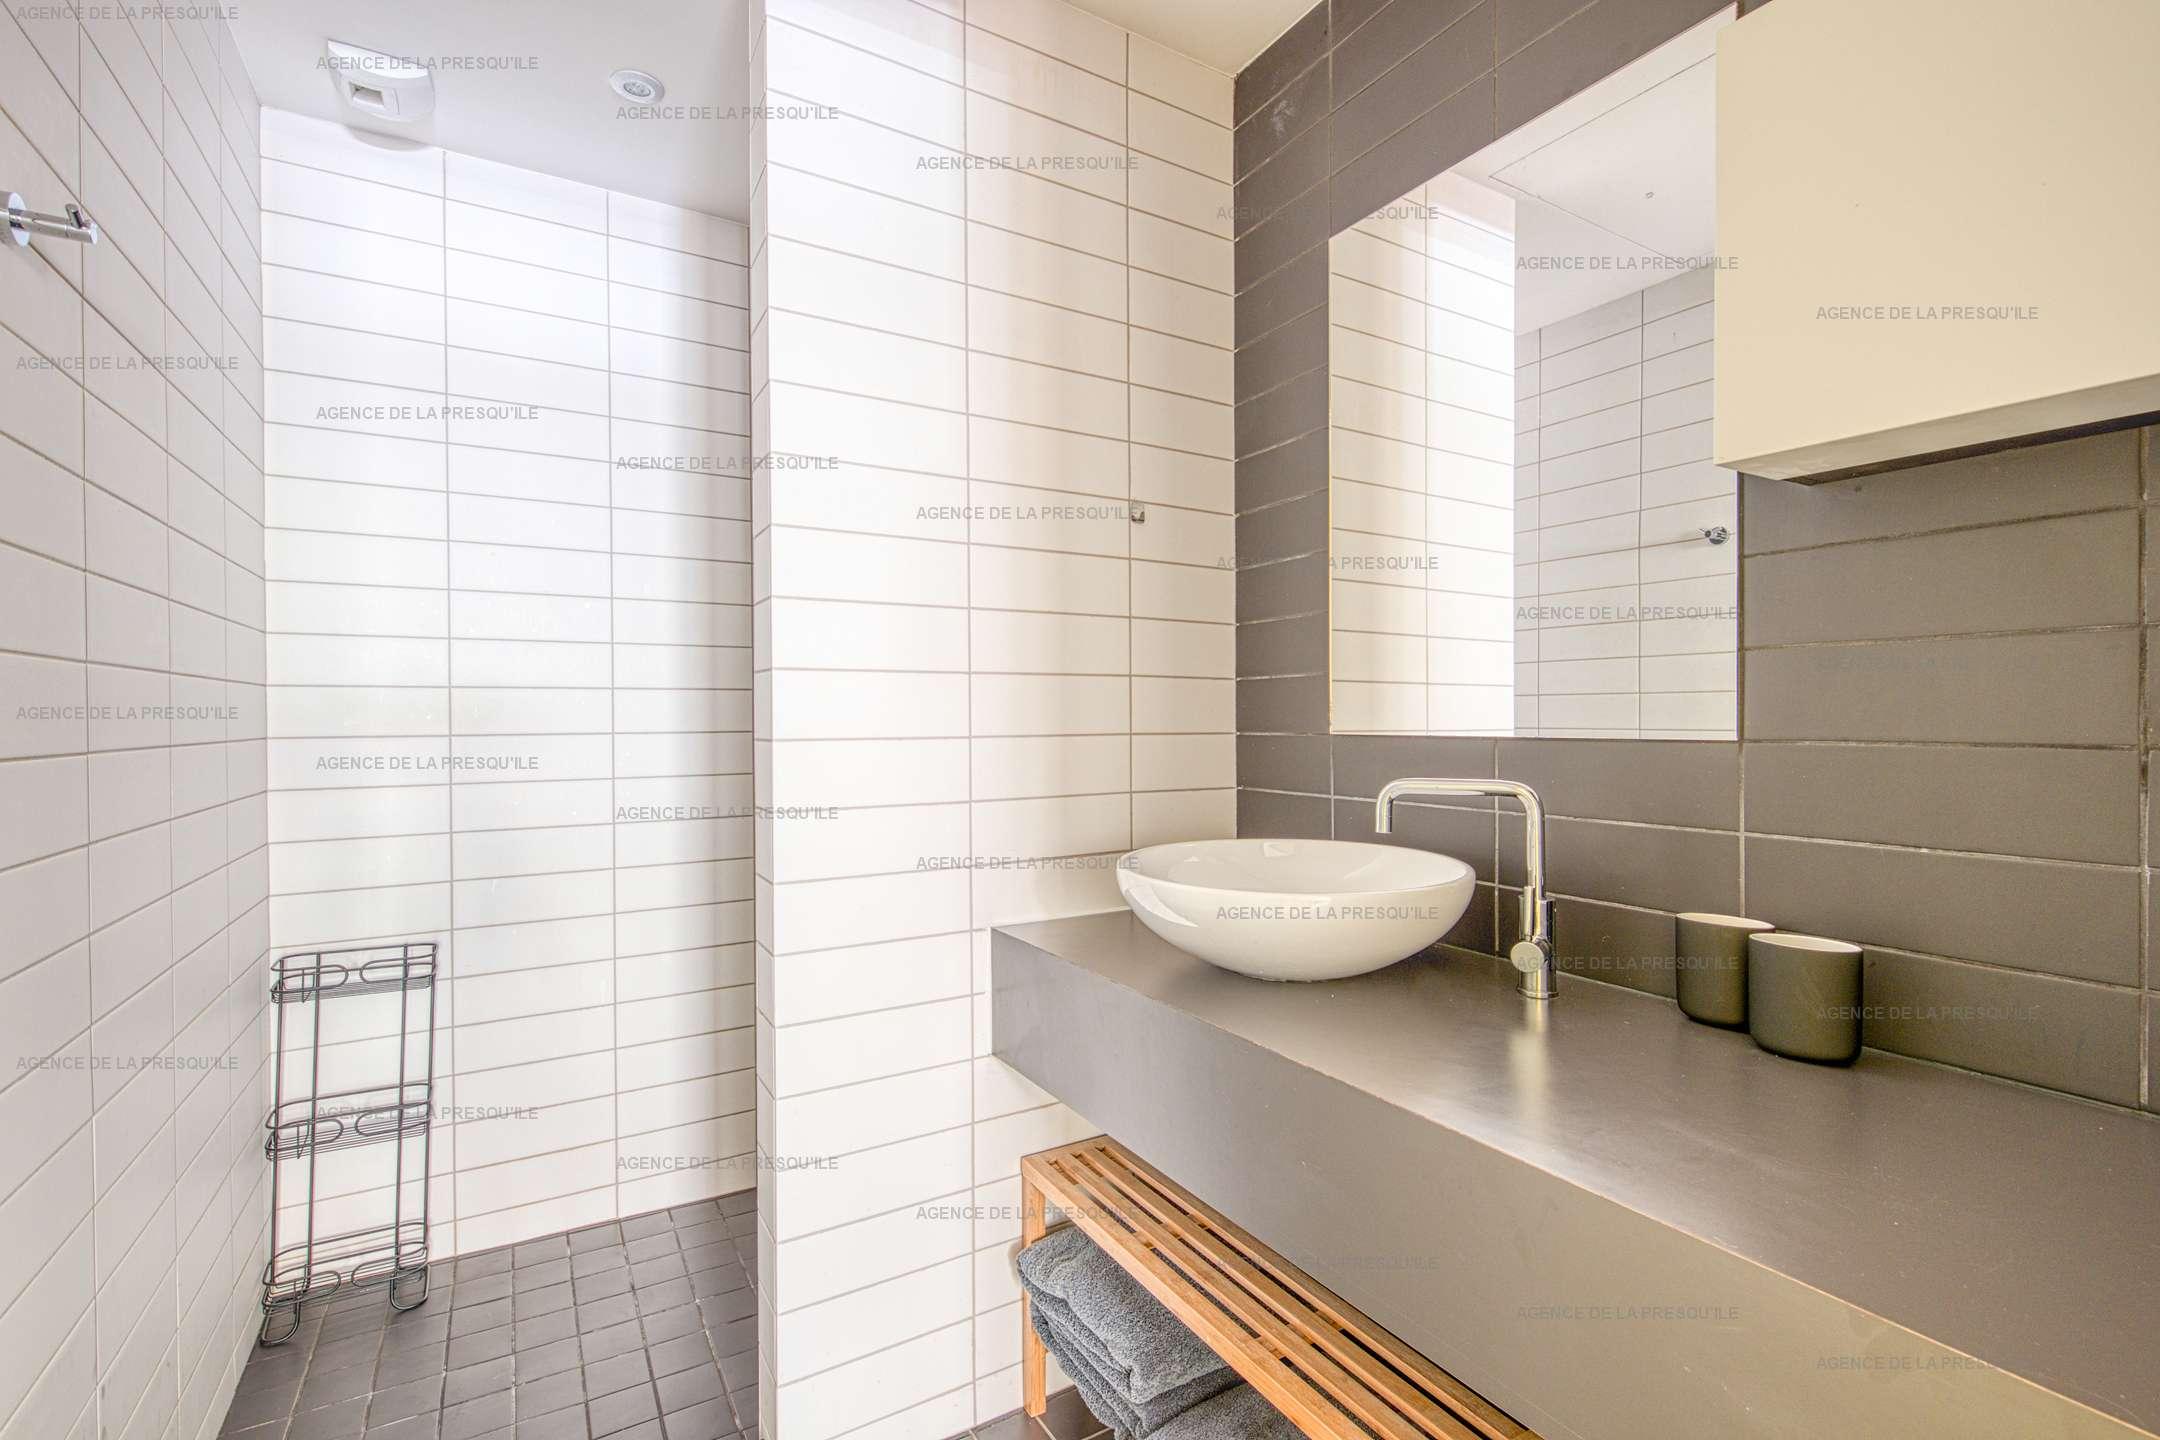 Location: Très belle villa de standing avec piscine 13